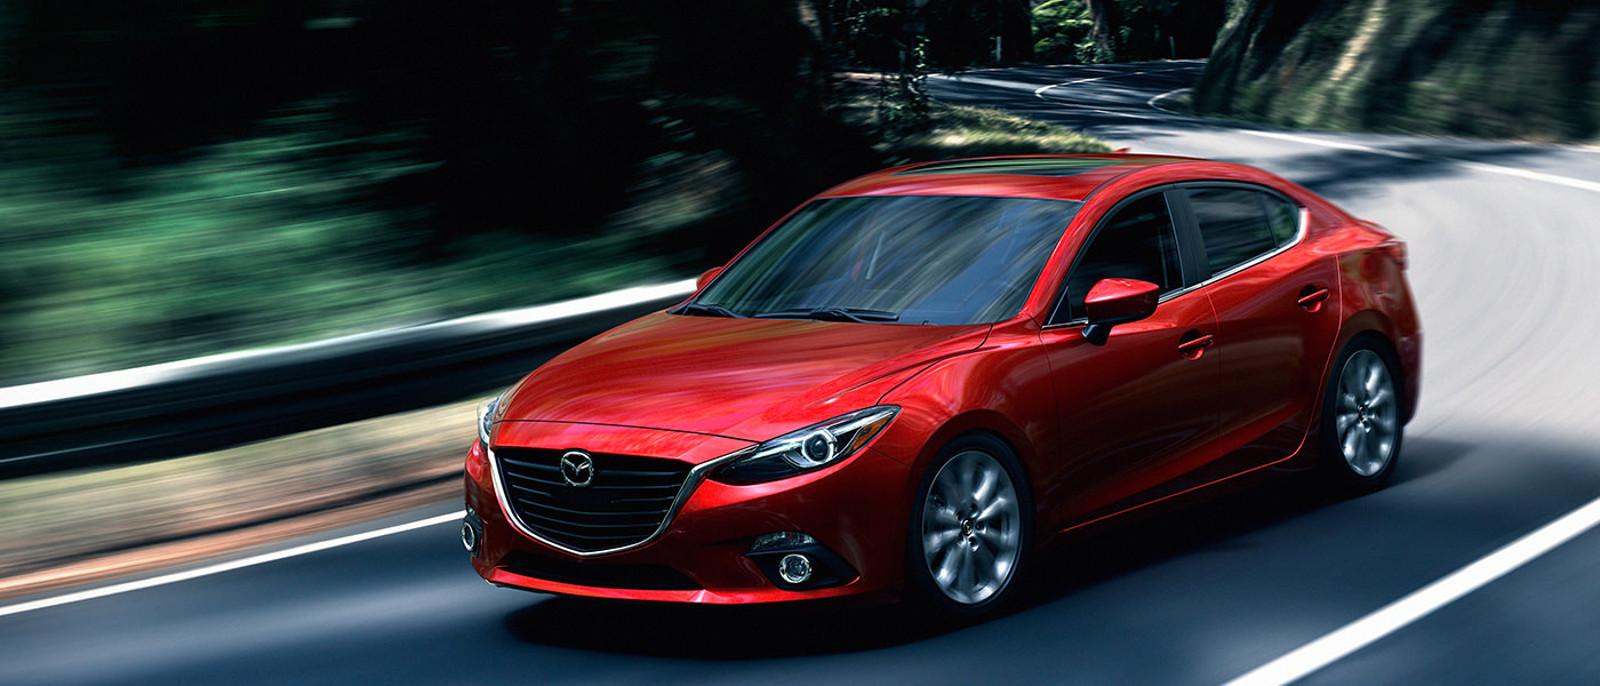 2016 Mazda3 Rear Exterior; 2016 Mazda3 Sedan ...